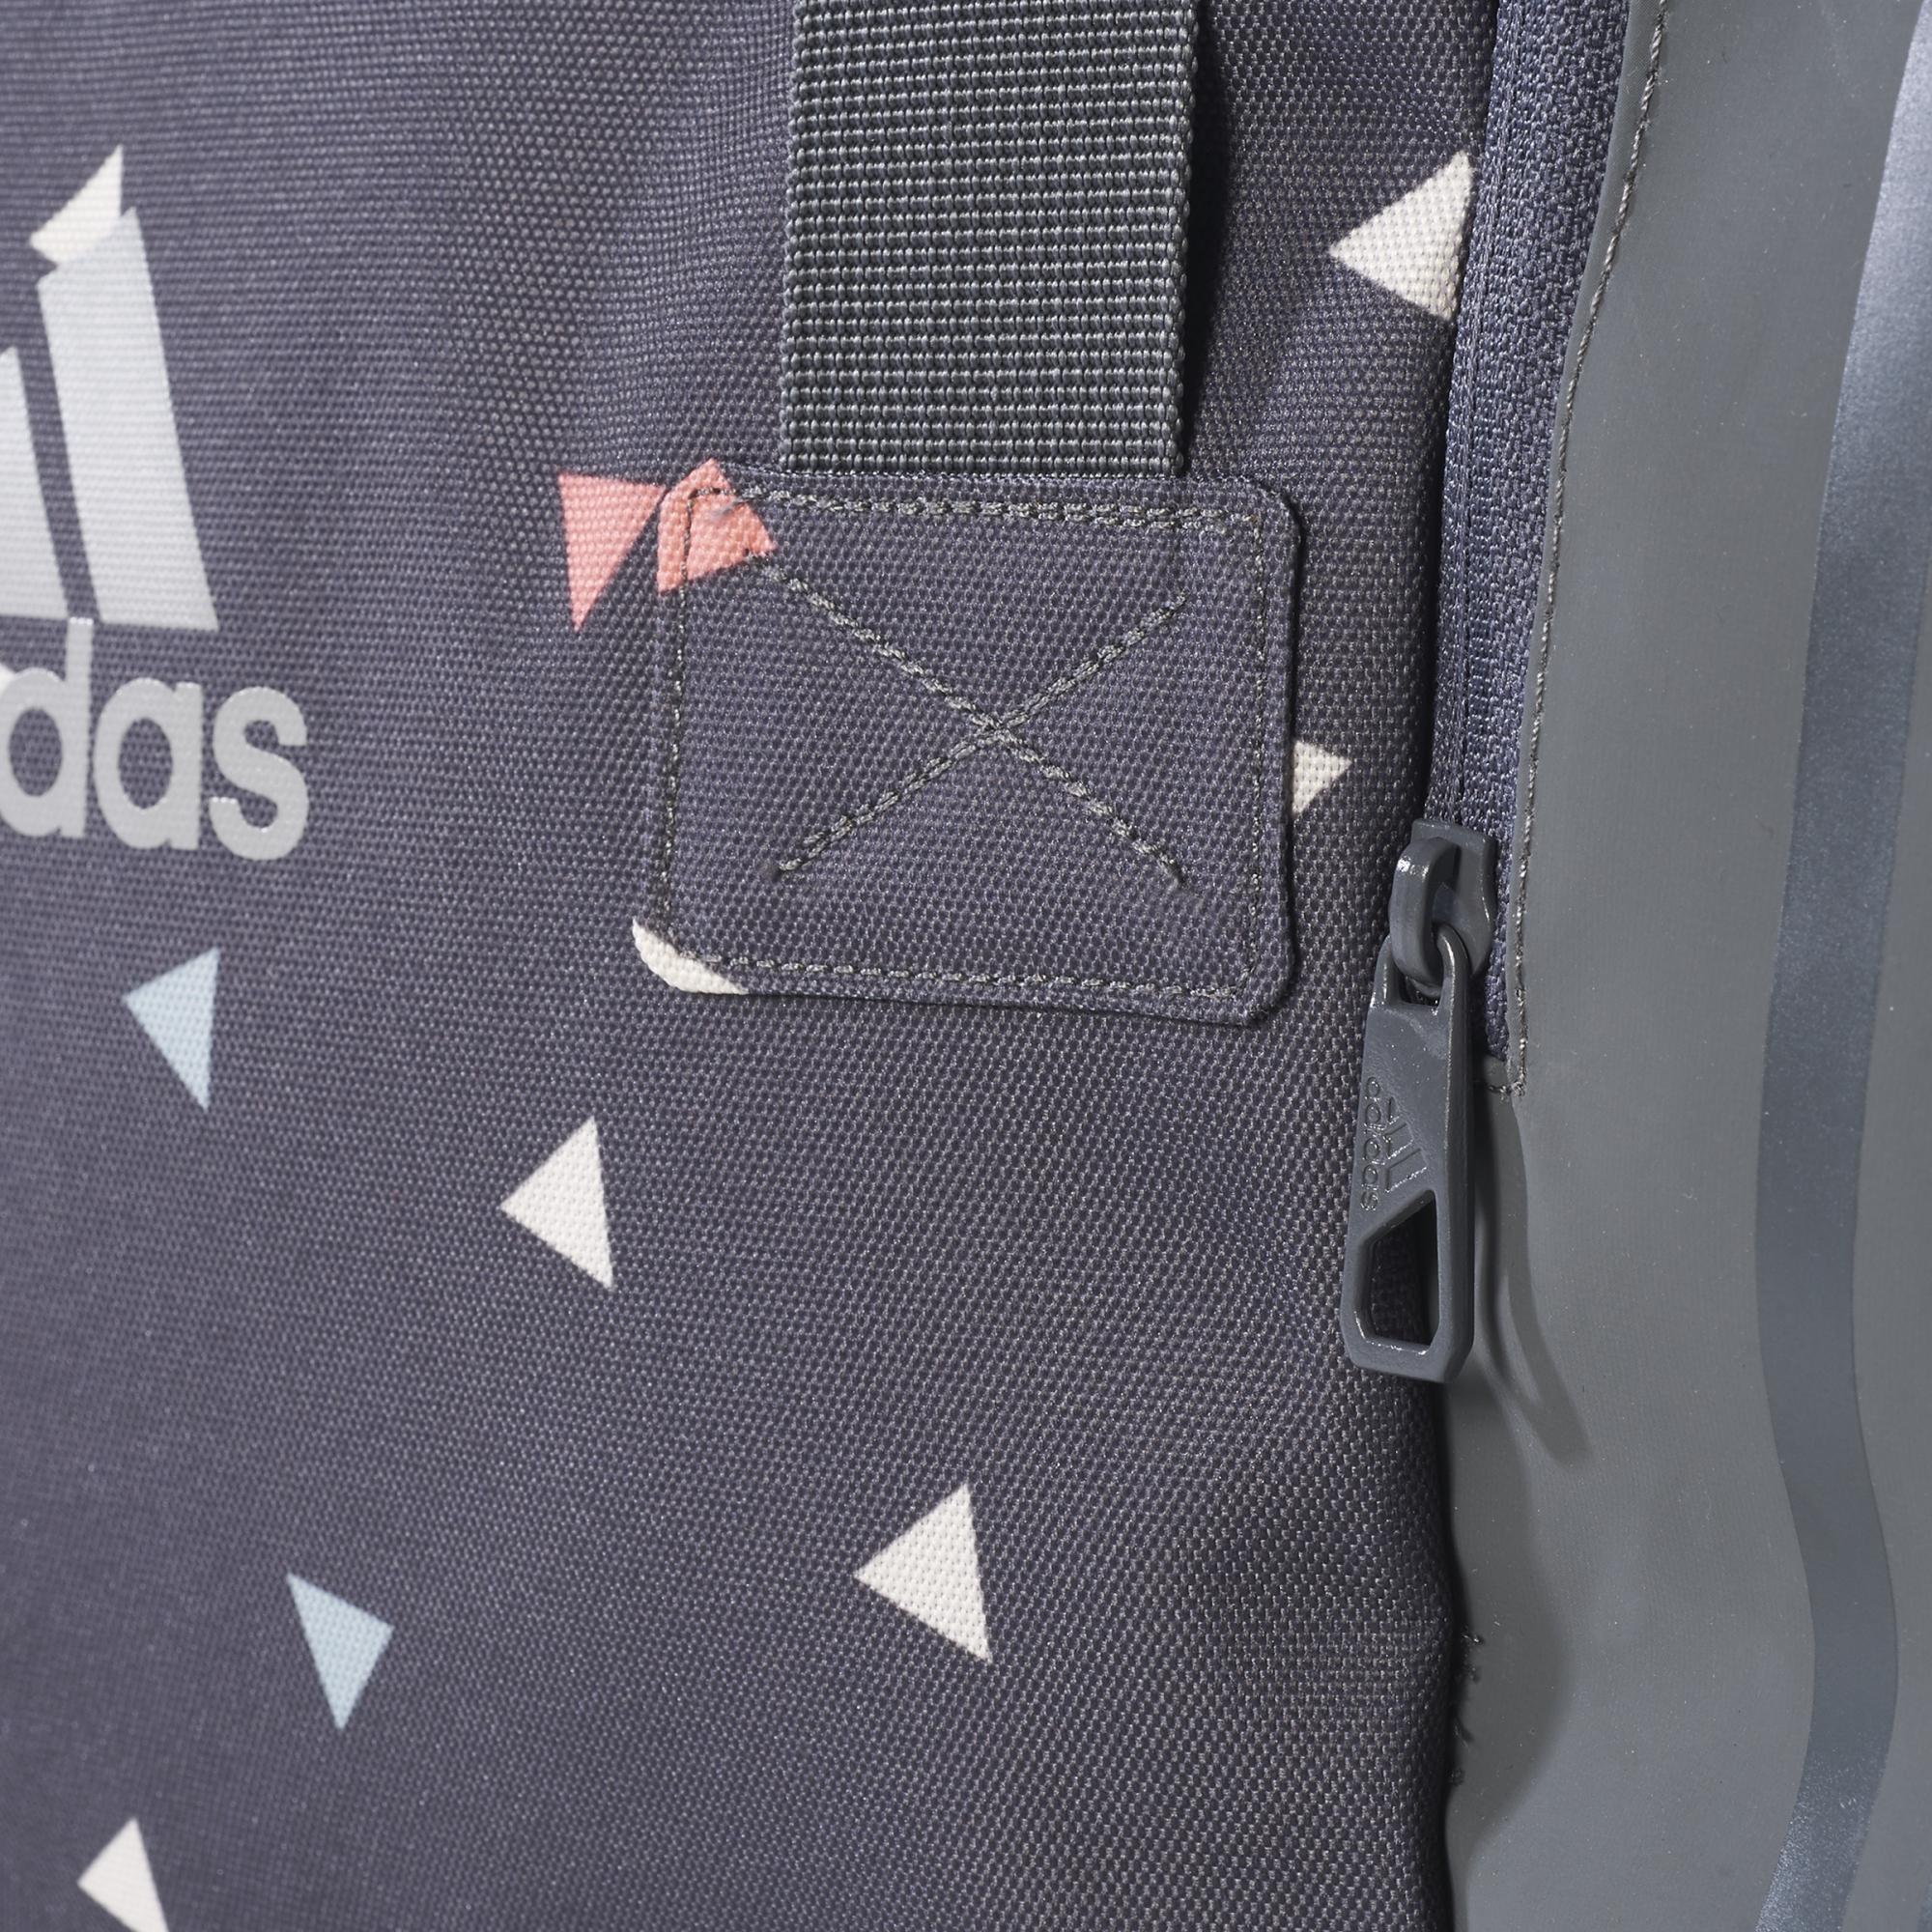 b2ee2a90497f7 torba sportowa treningowa na siłownię adidas 3 Stripes Performance ...